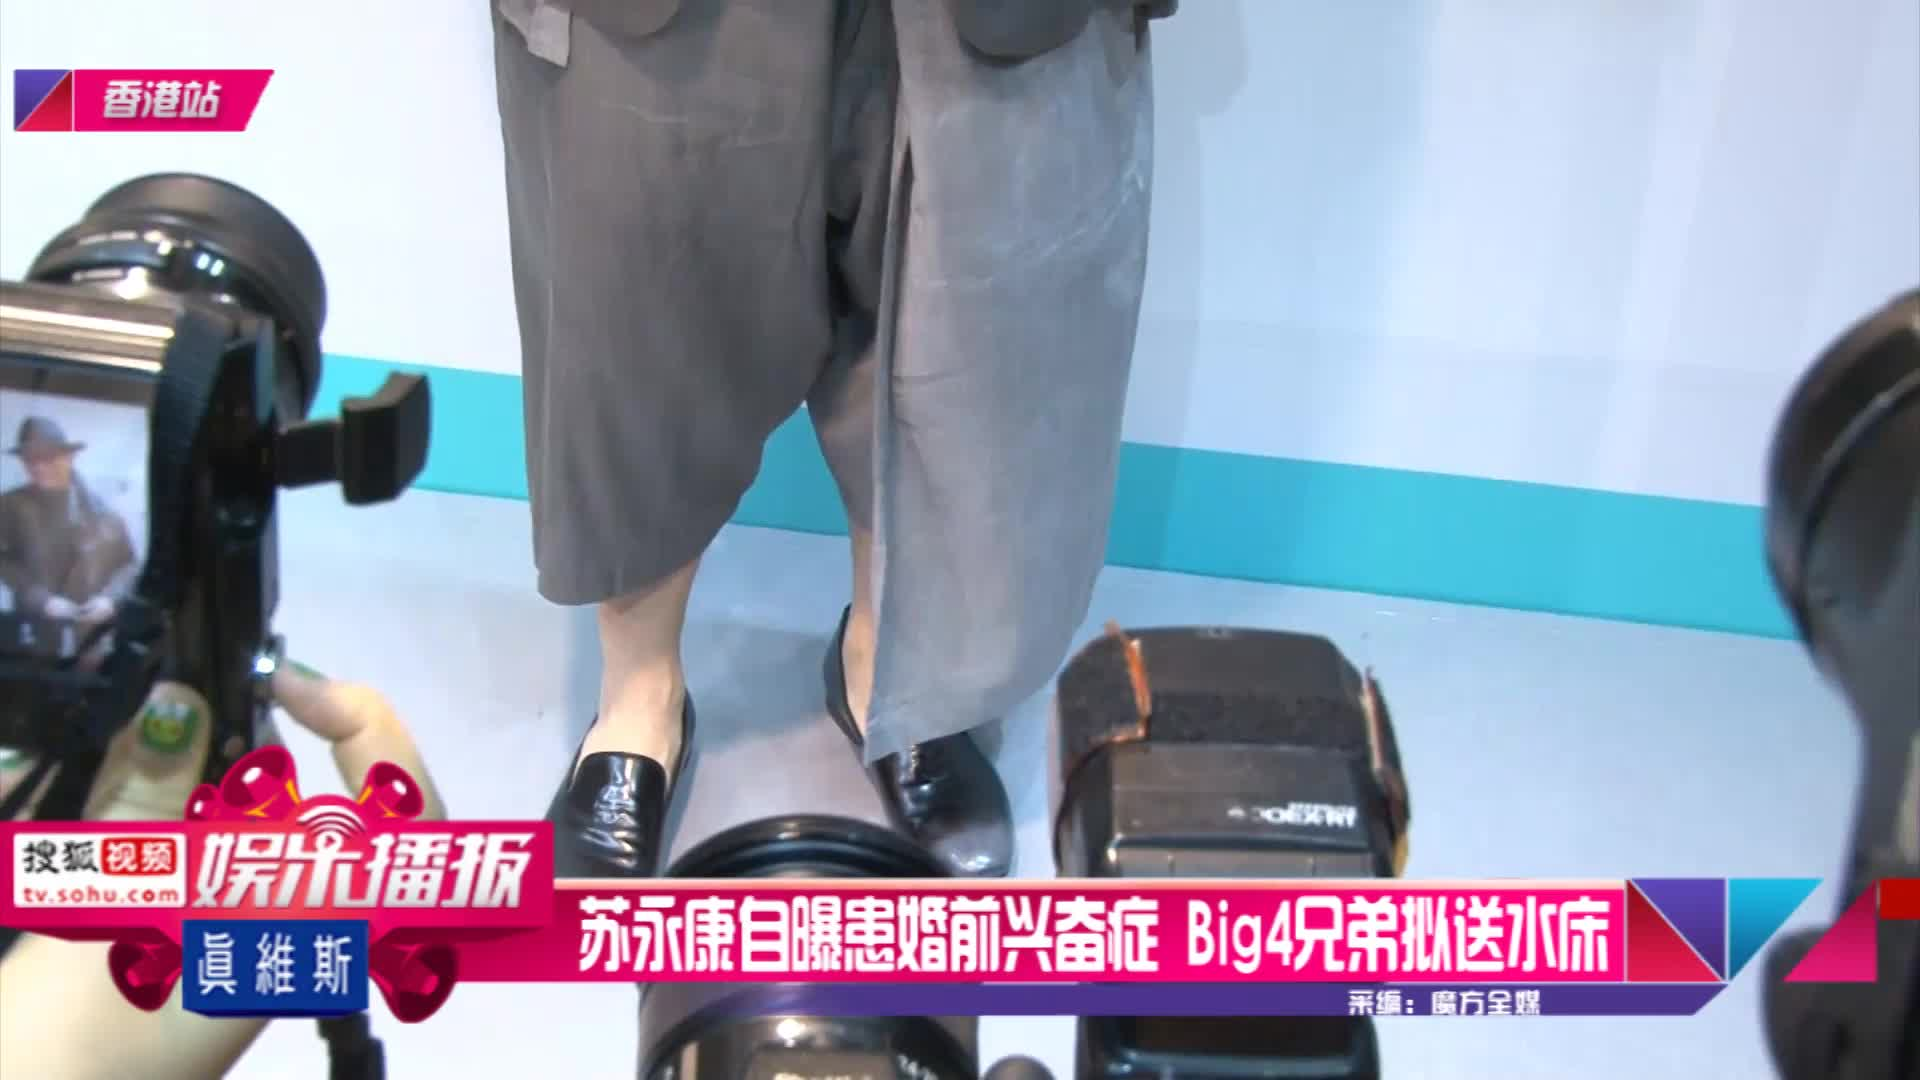 苏永康自曝患婚前兴奋症 Big4兄弟拟送水床